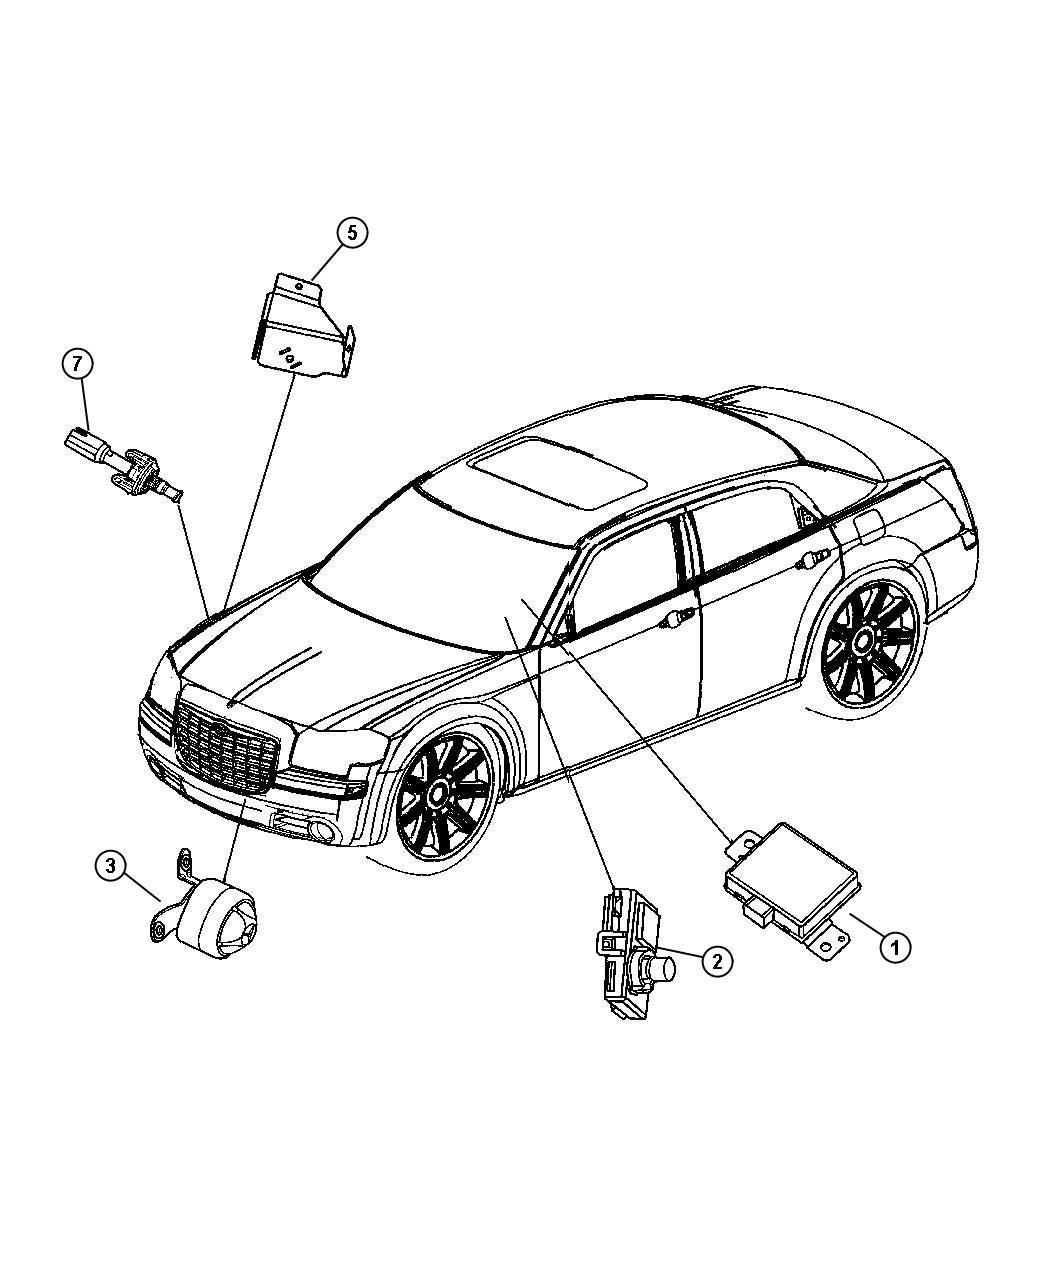 Chrysler 300 Receiver Alarm Export Trim All Trim